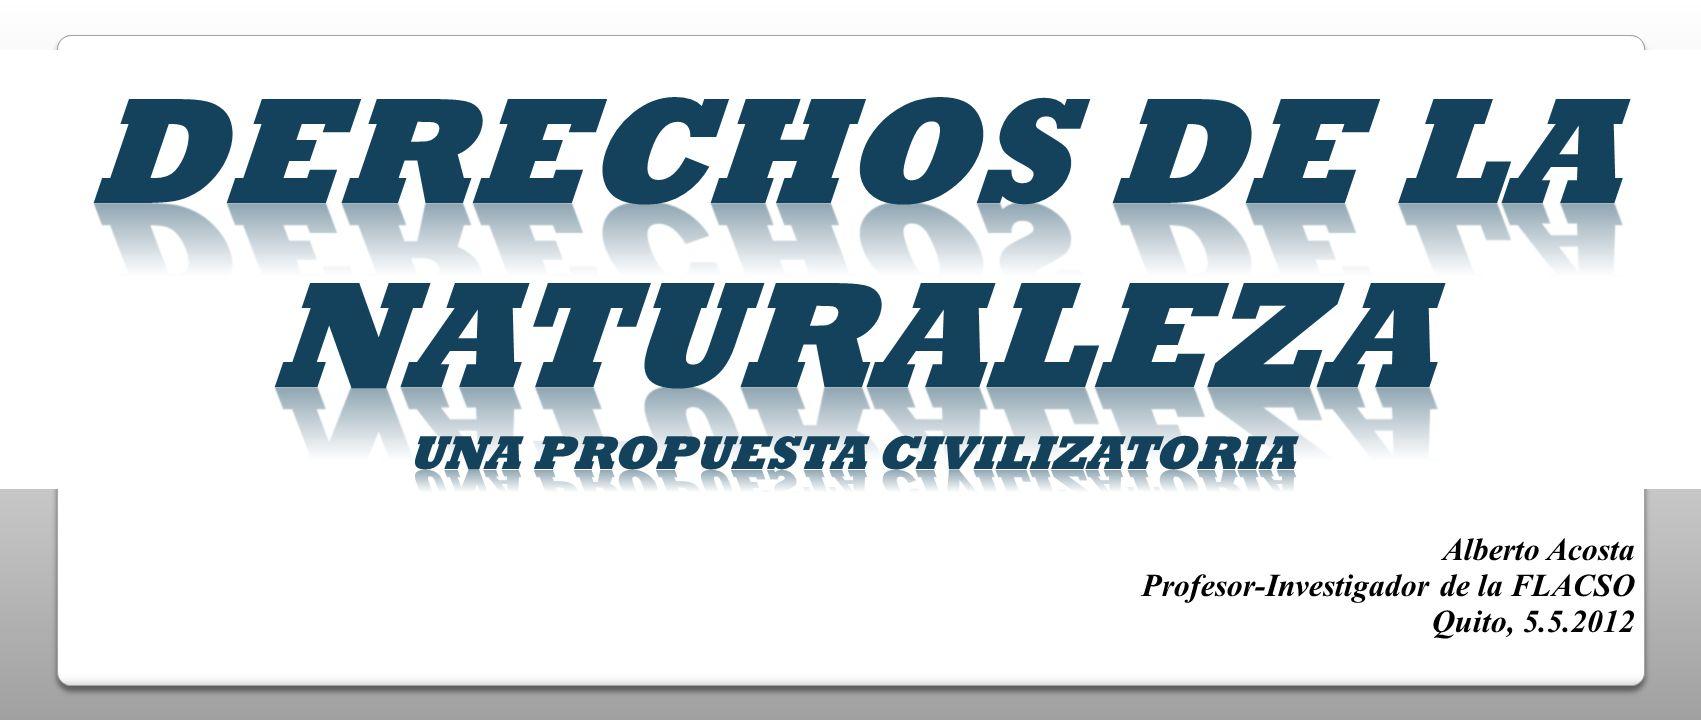 Alberto Acosta Profesor-Investigador de la FLACSO Quito, 5.5.2012